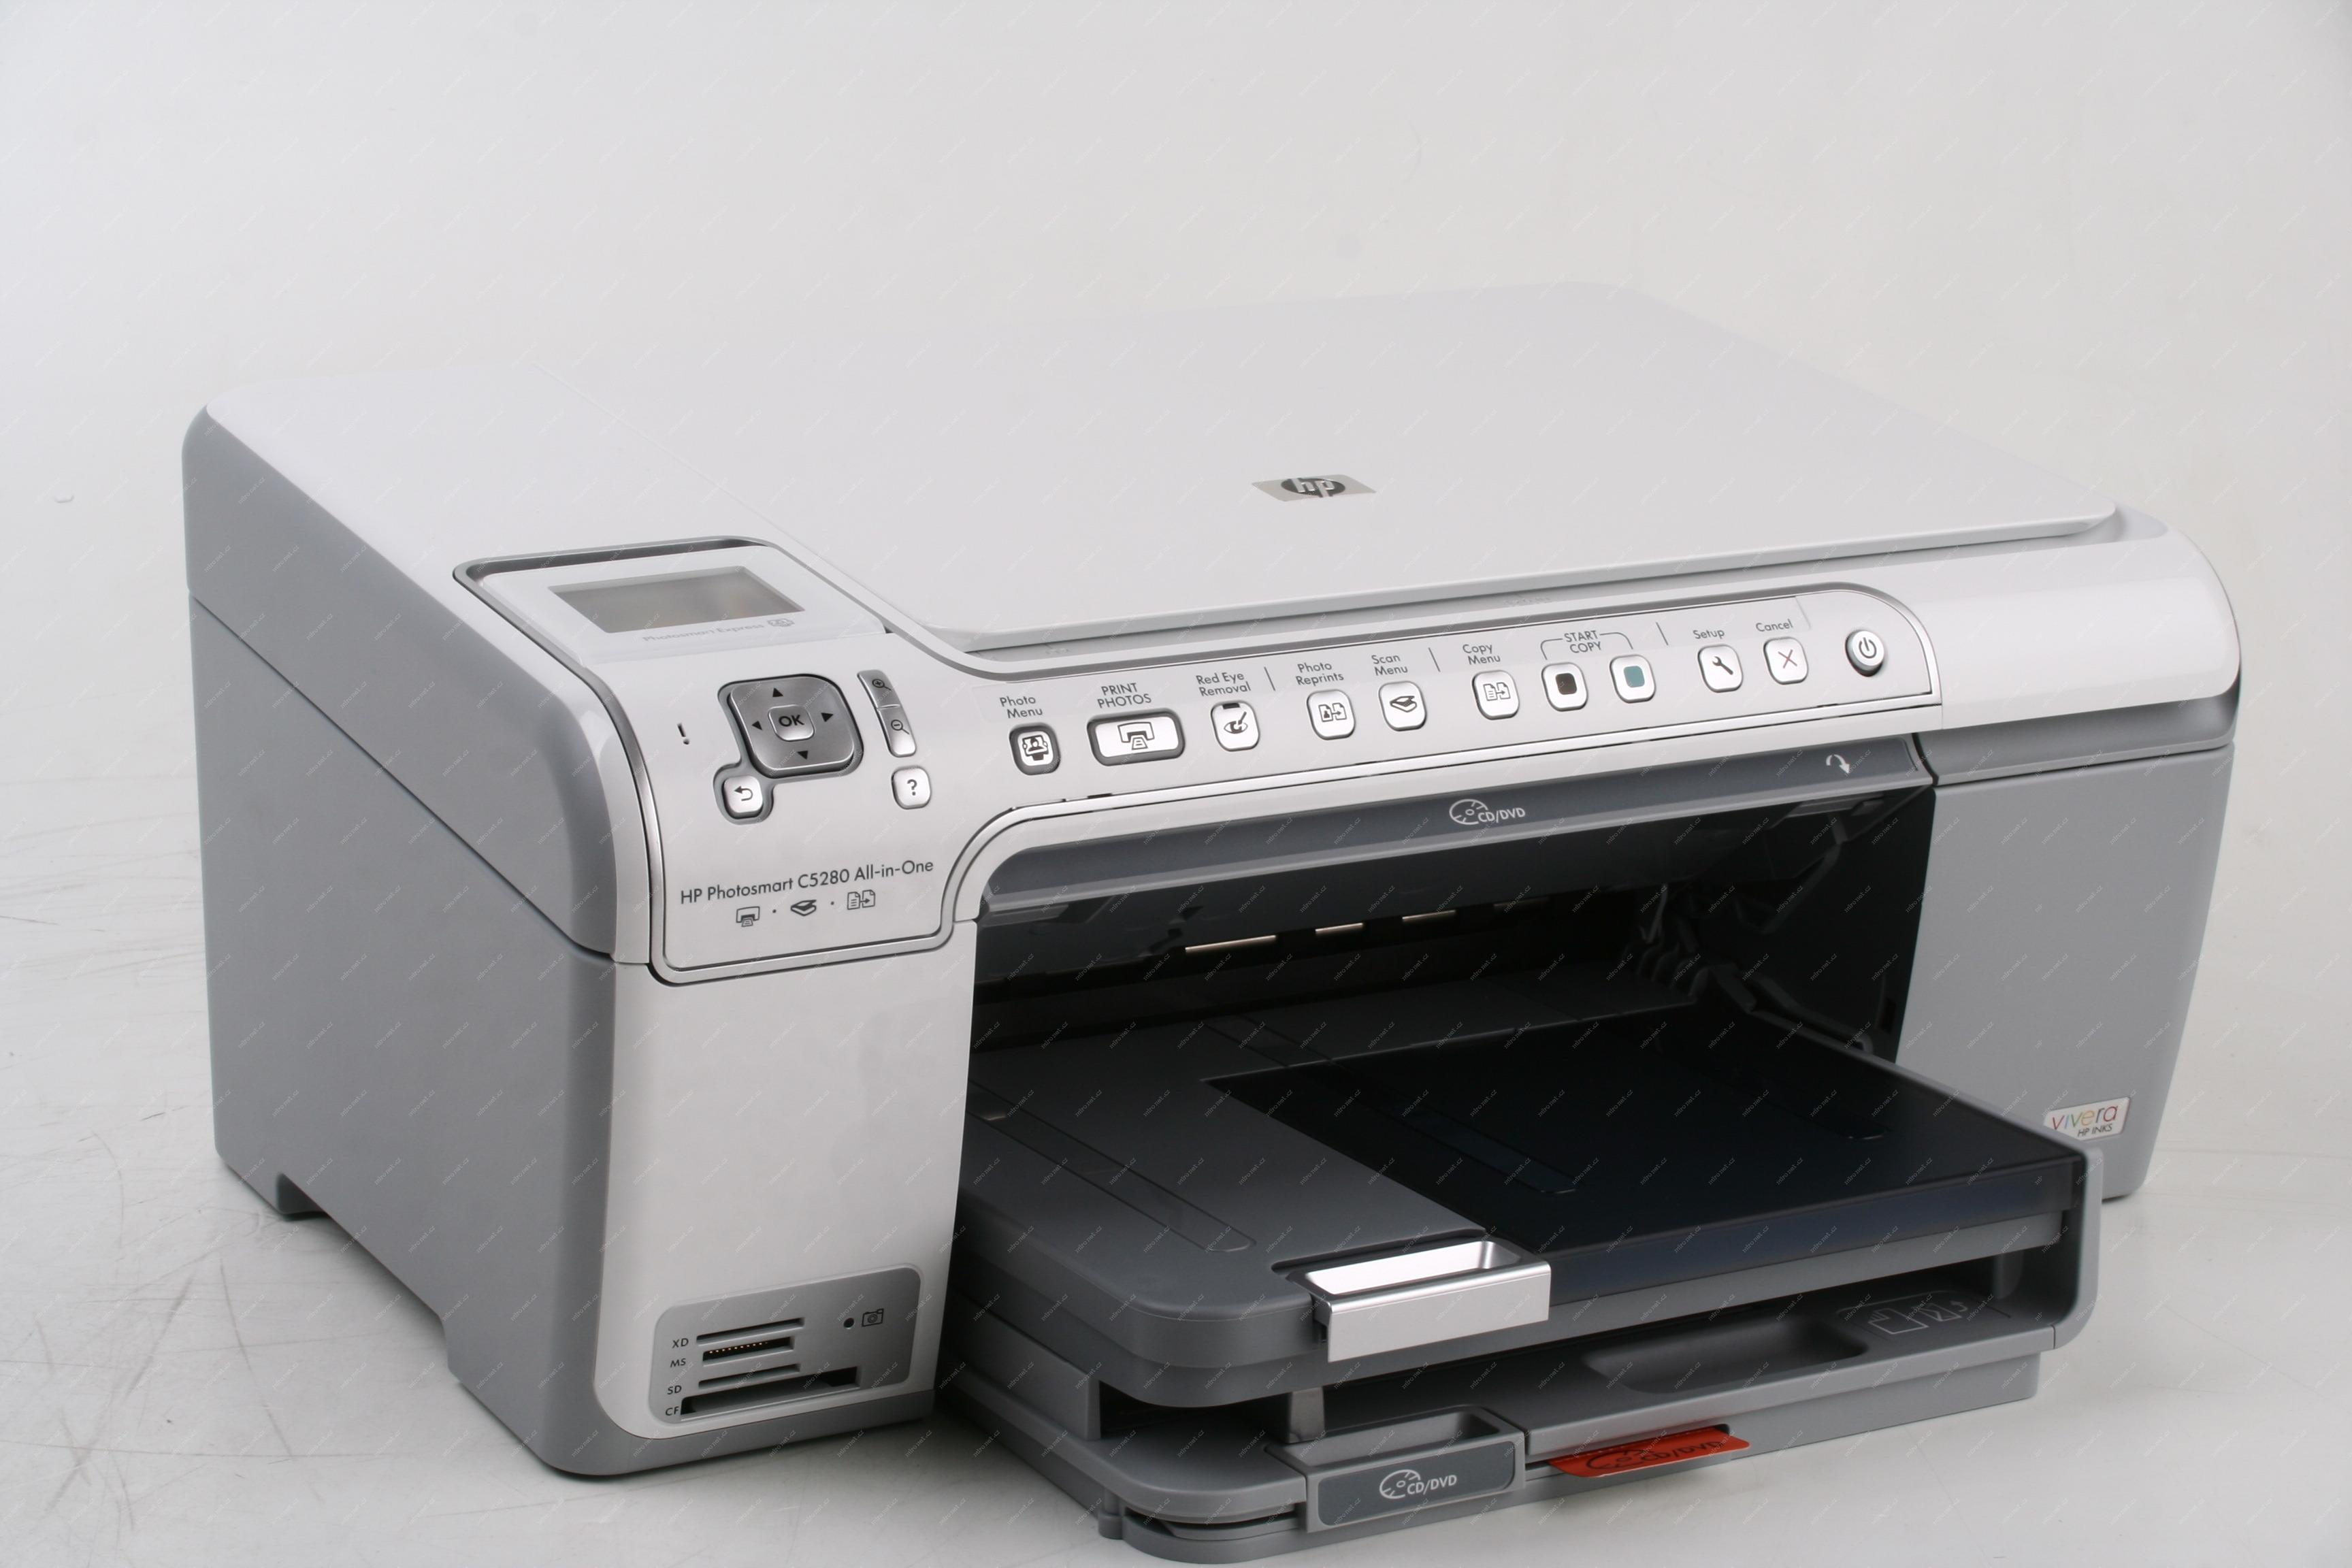 70337 - Multifunkční tiskárna HP Photosmart C5280